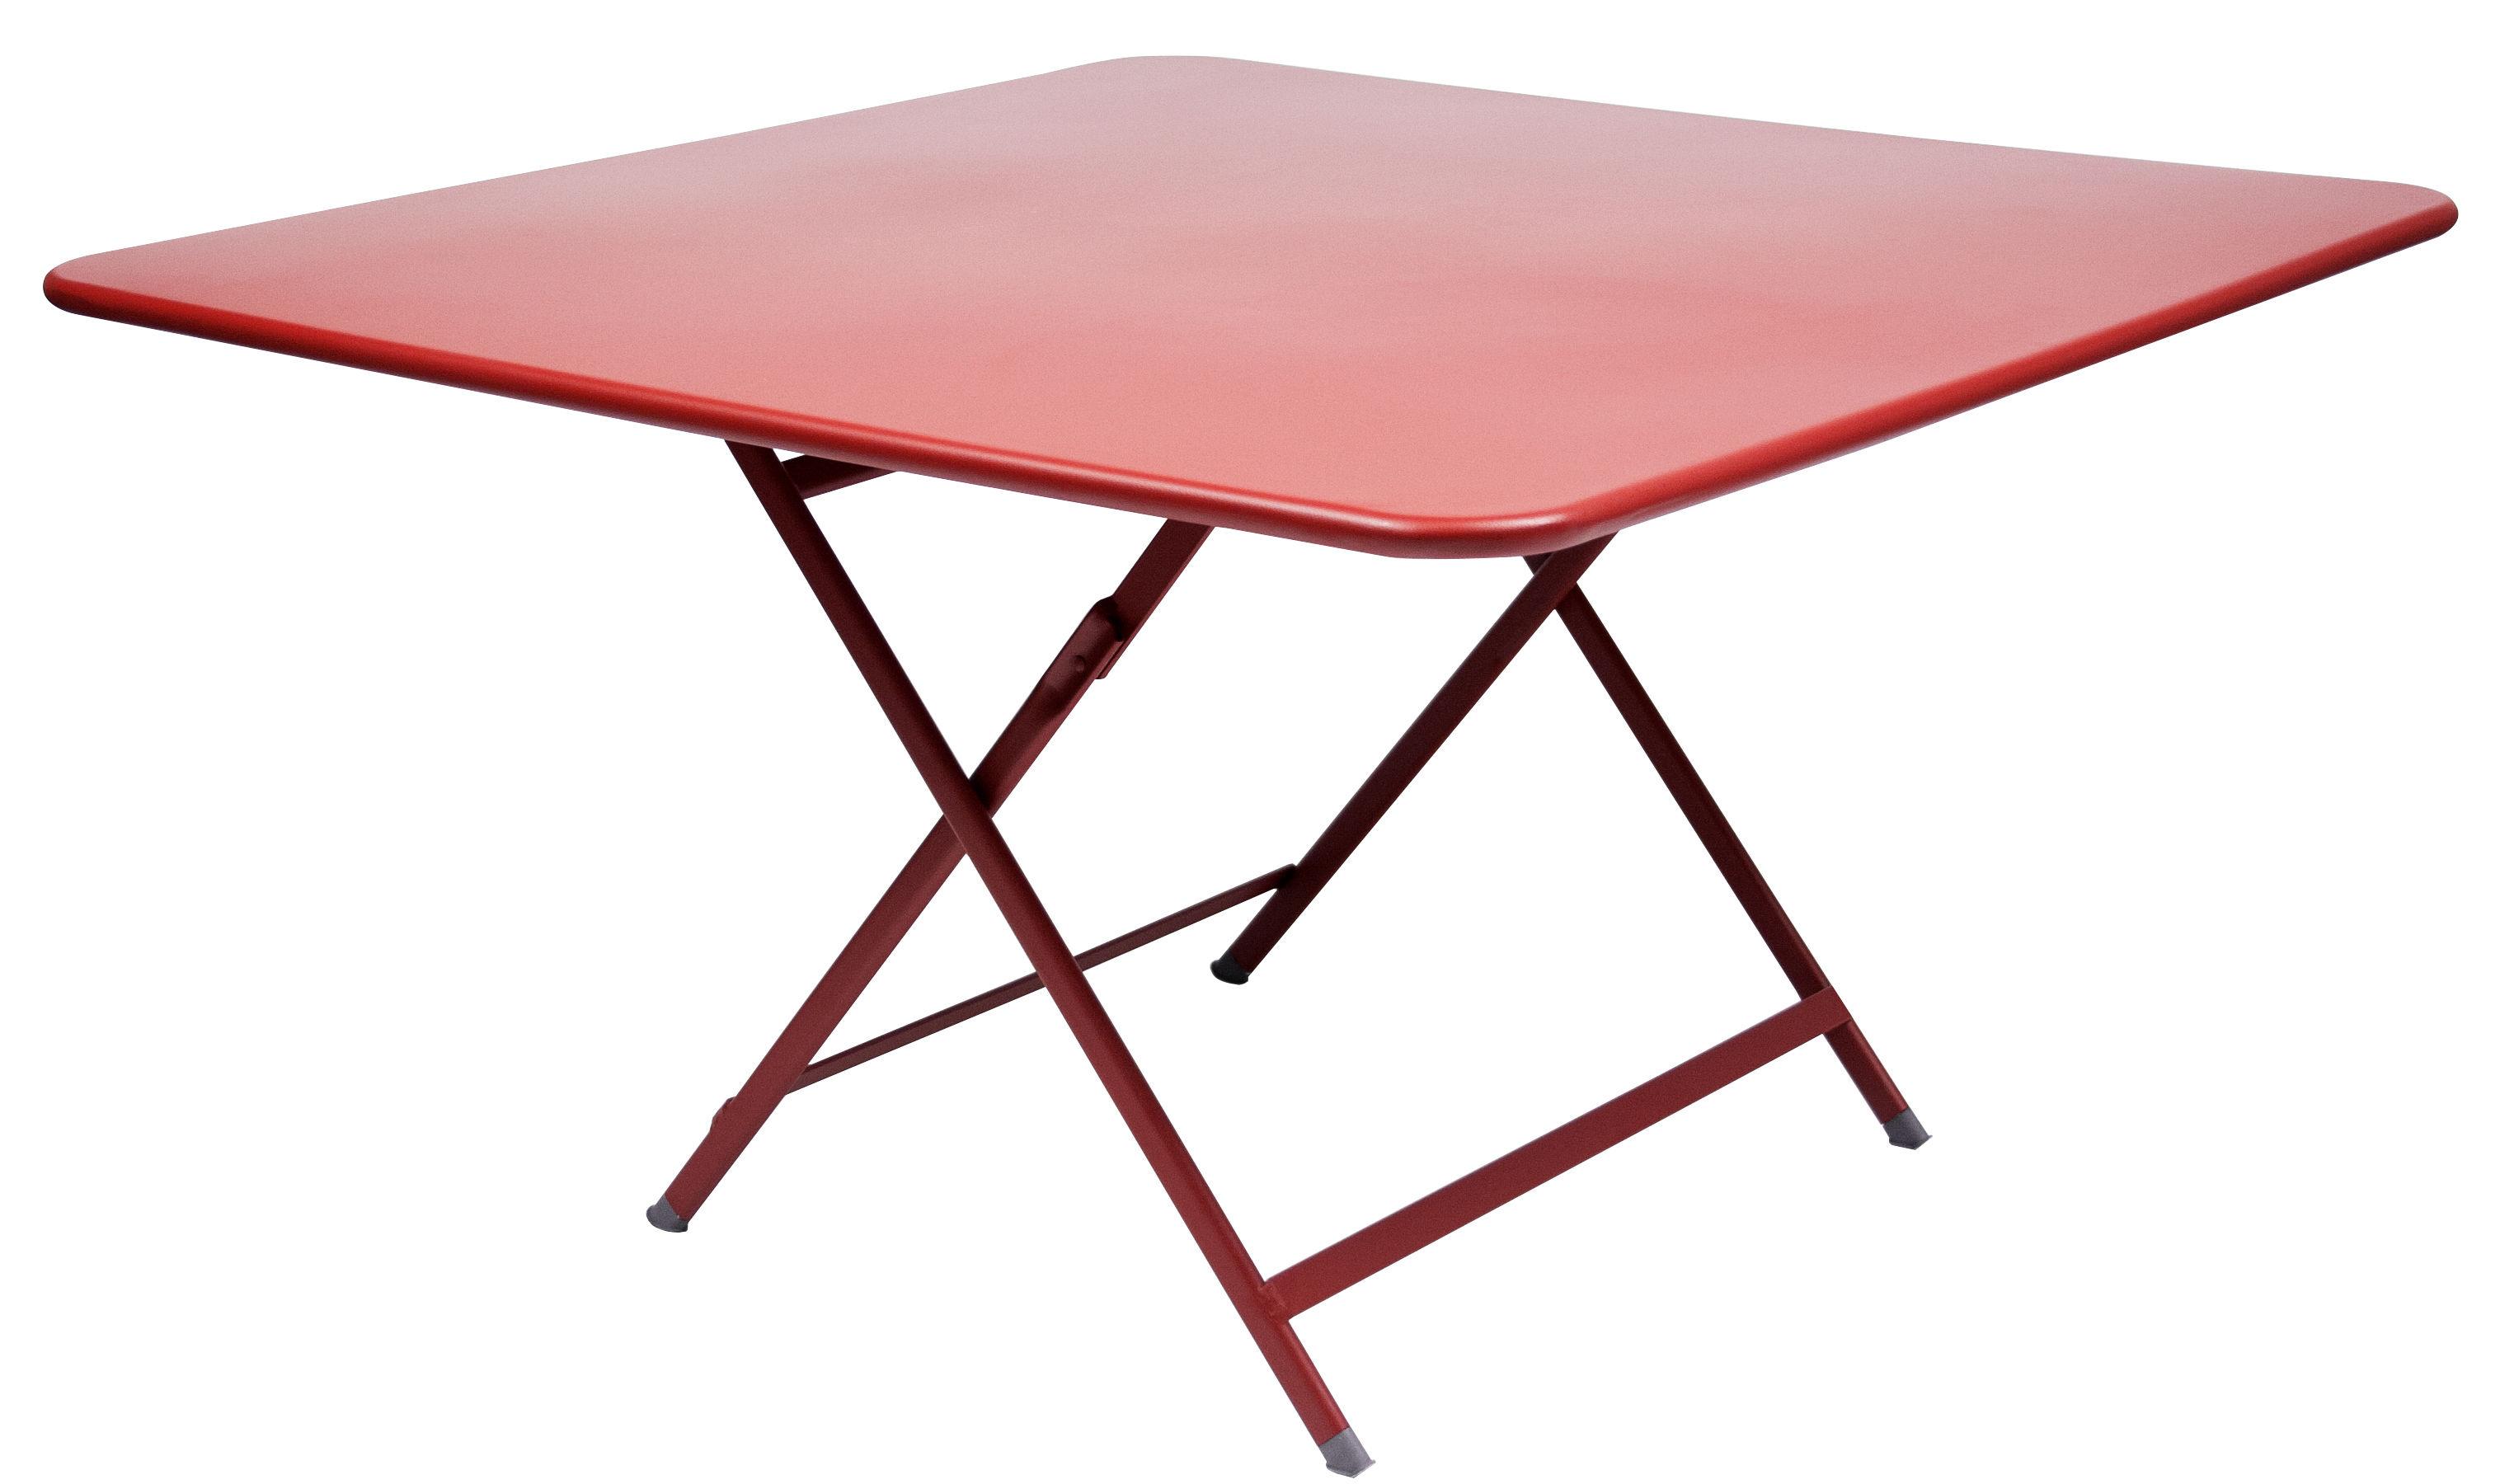 Outdoor - Tavoli  - Tavolo pieghevole Caractère - / 128 x 128 cm di Fermob - Papavero - Acciaio laccato